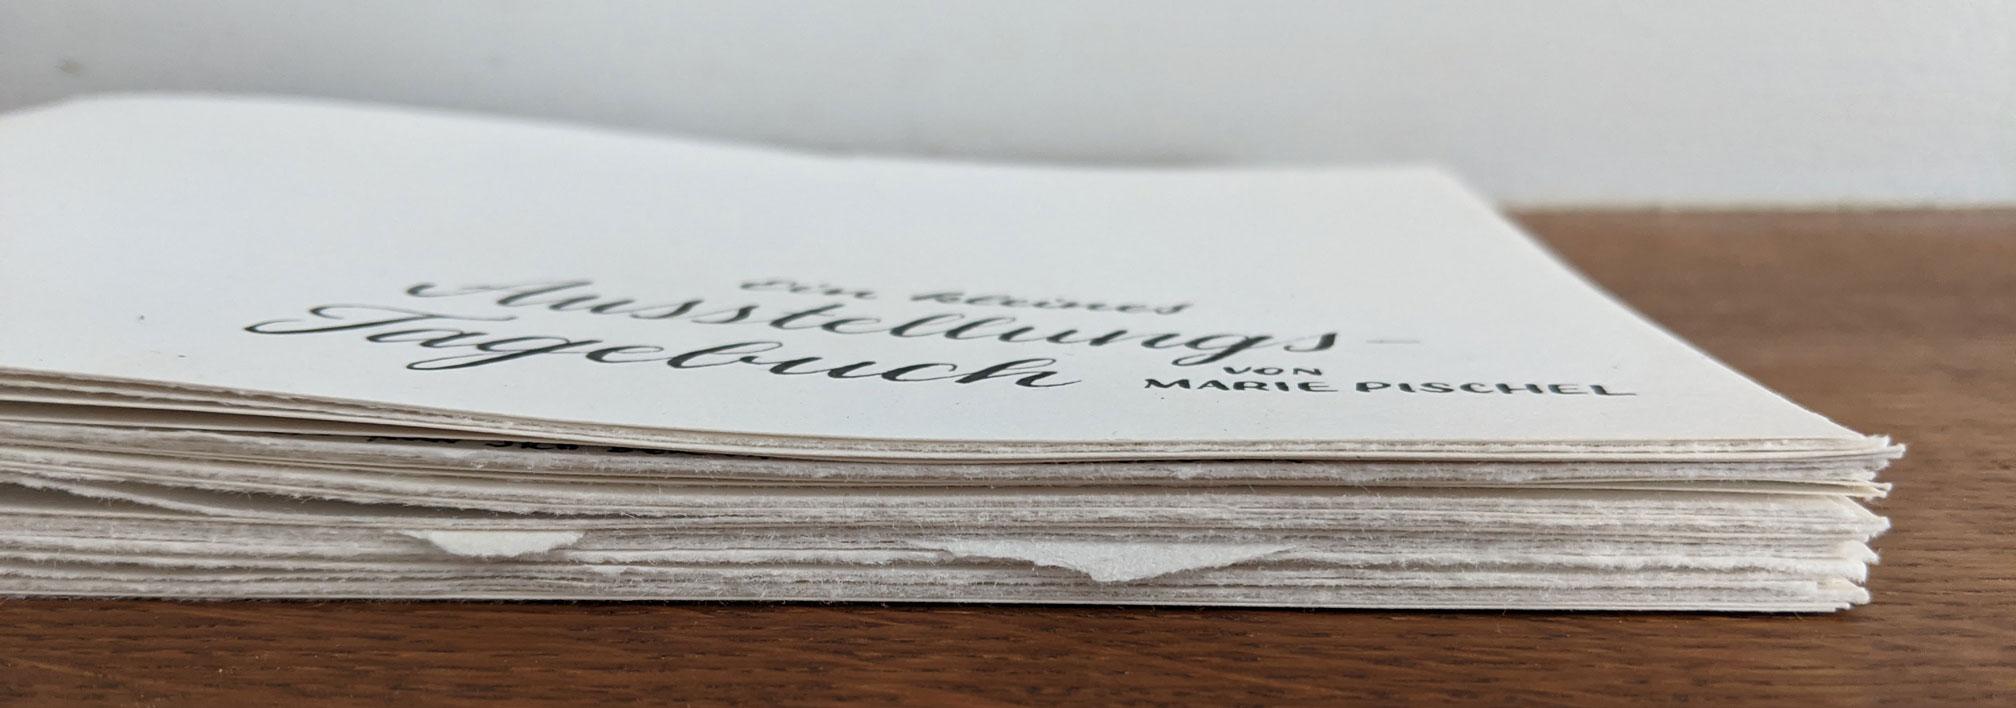 Ausstellungs-Tagebuch